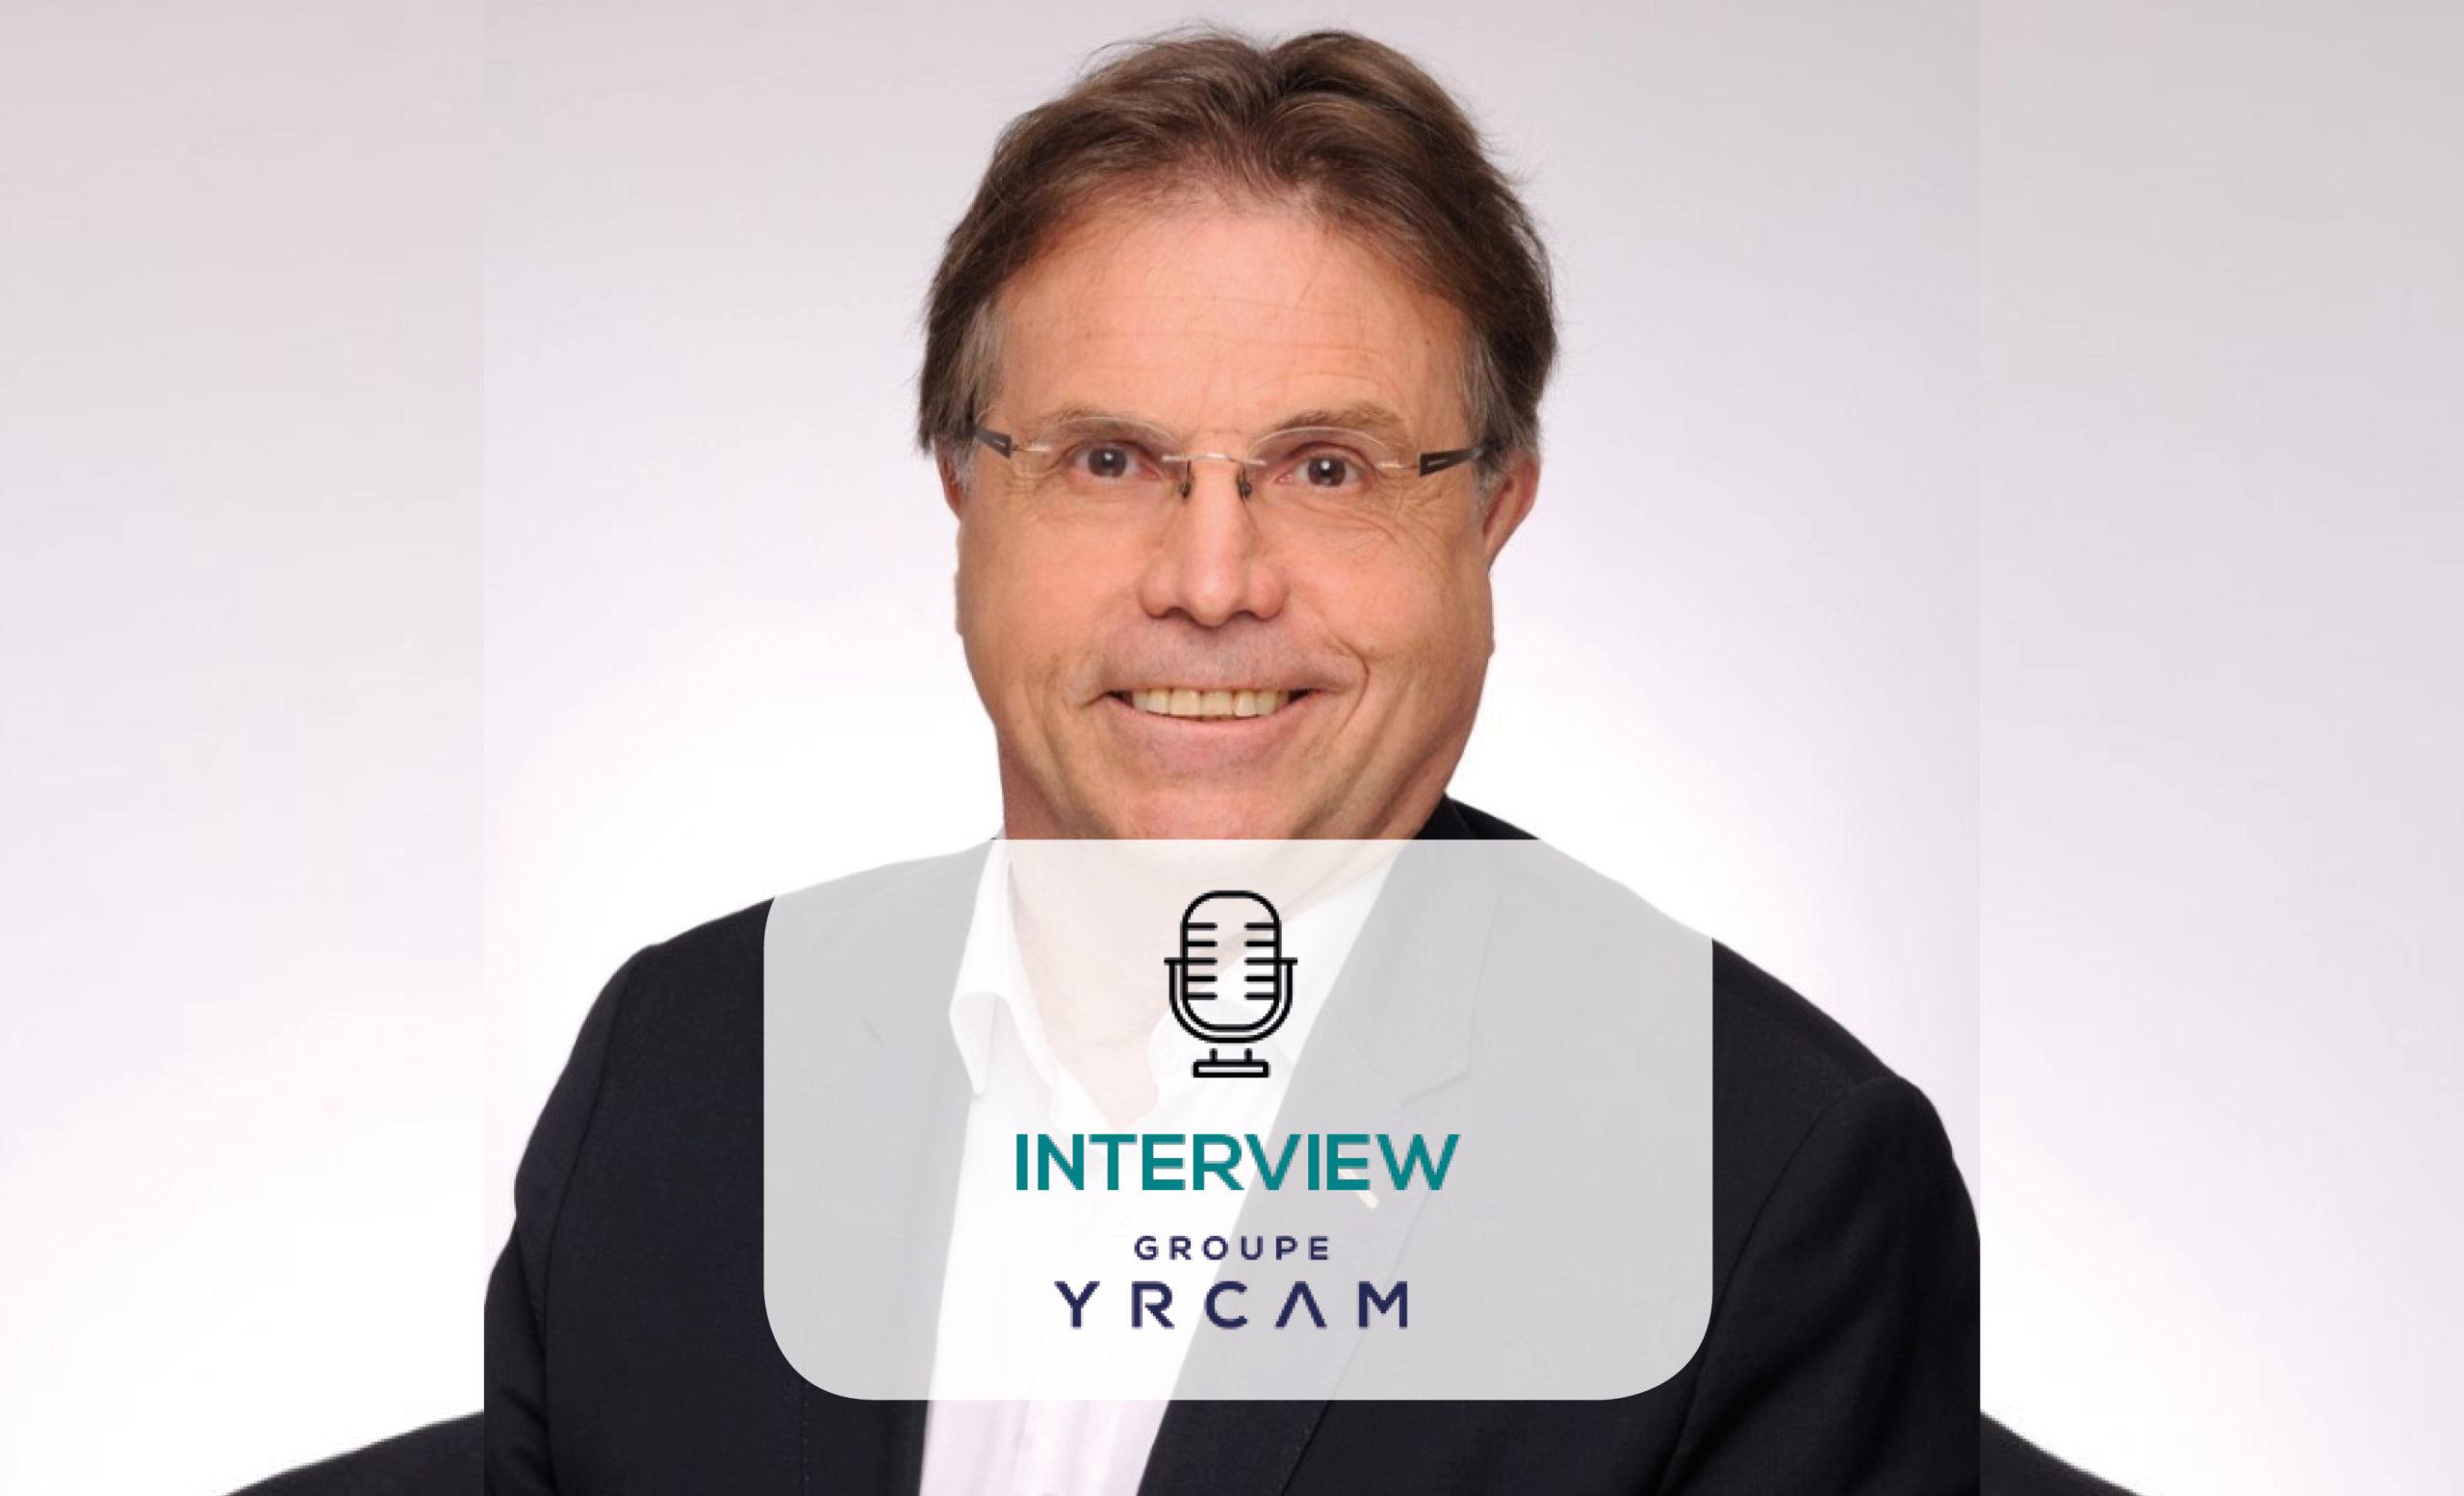 Interview d'Eric Latreuille sur la gestion de crise et l'importance du credit manager dans la situation actuelle